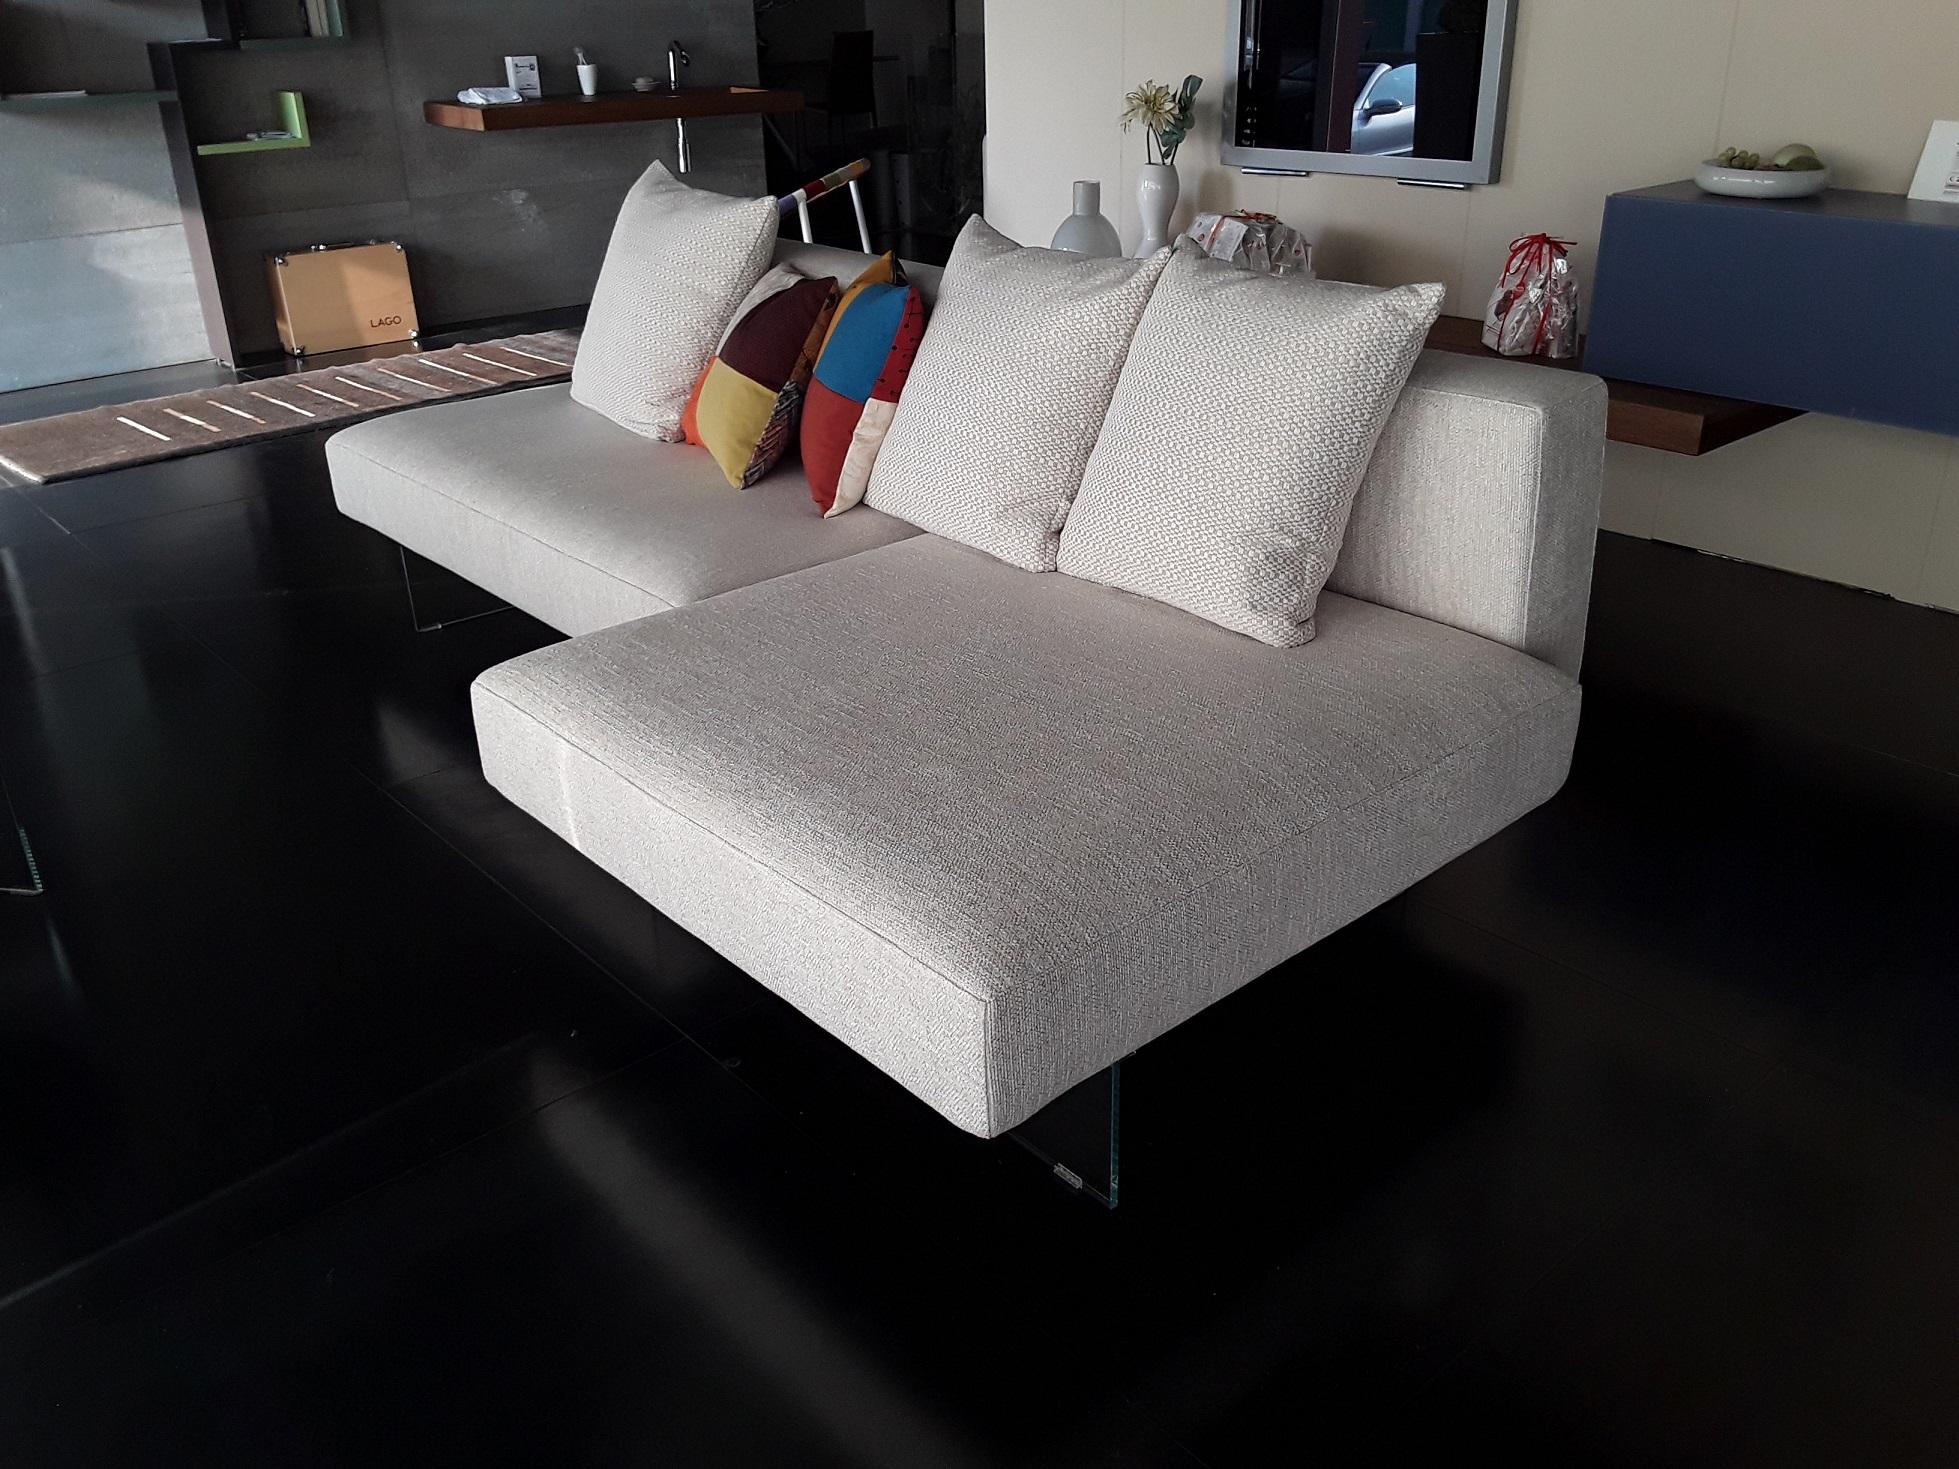 Lago divano air sofa scontato del 35 divani a prezzi - Divano air lago ...